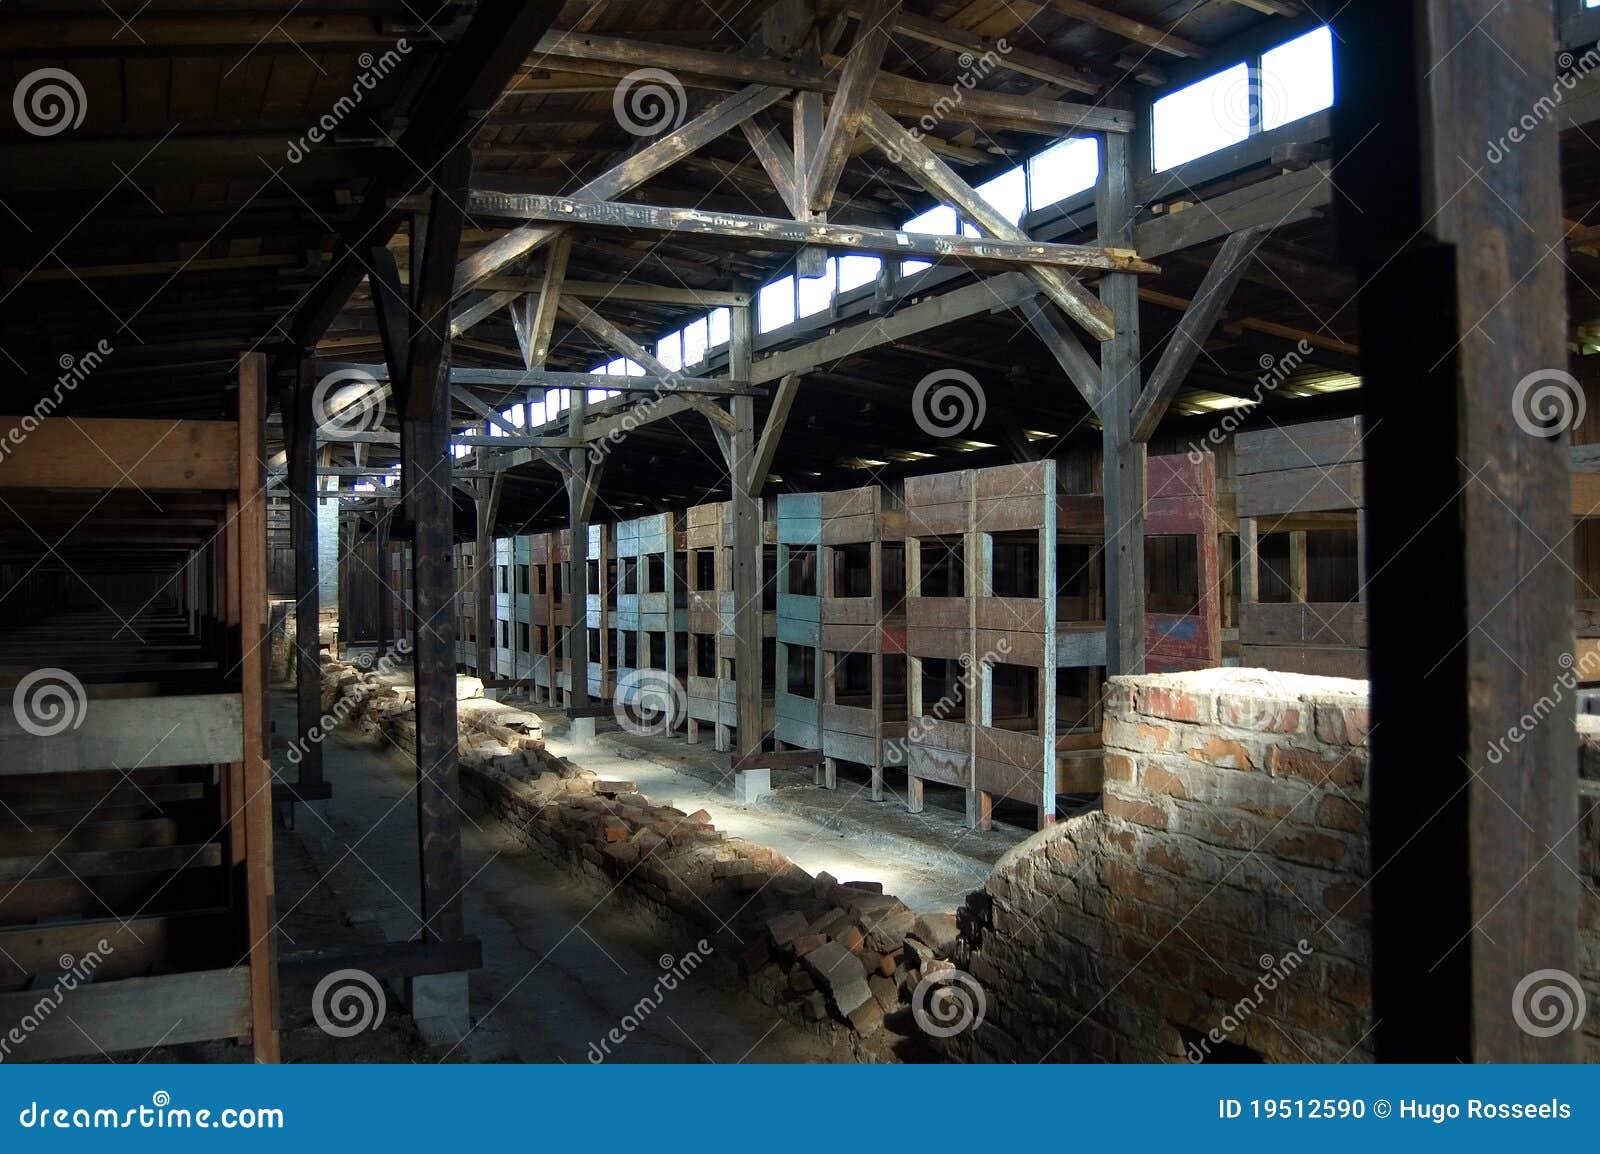 De houten bedden van de barak van birkenau redactionele afbeelding afbeelding 19512590 - Houten bed ...